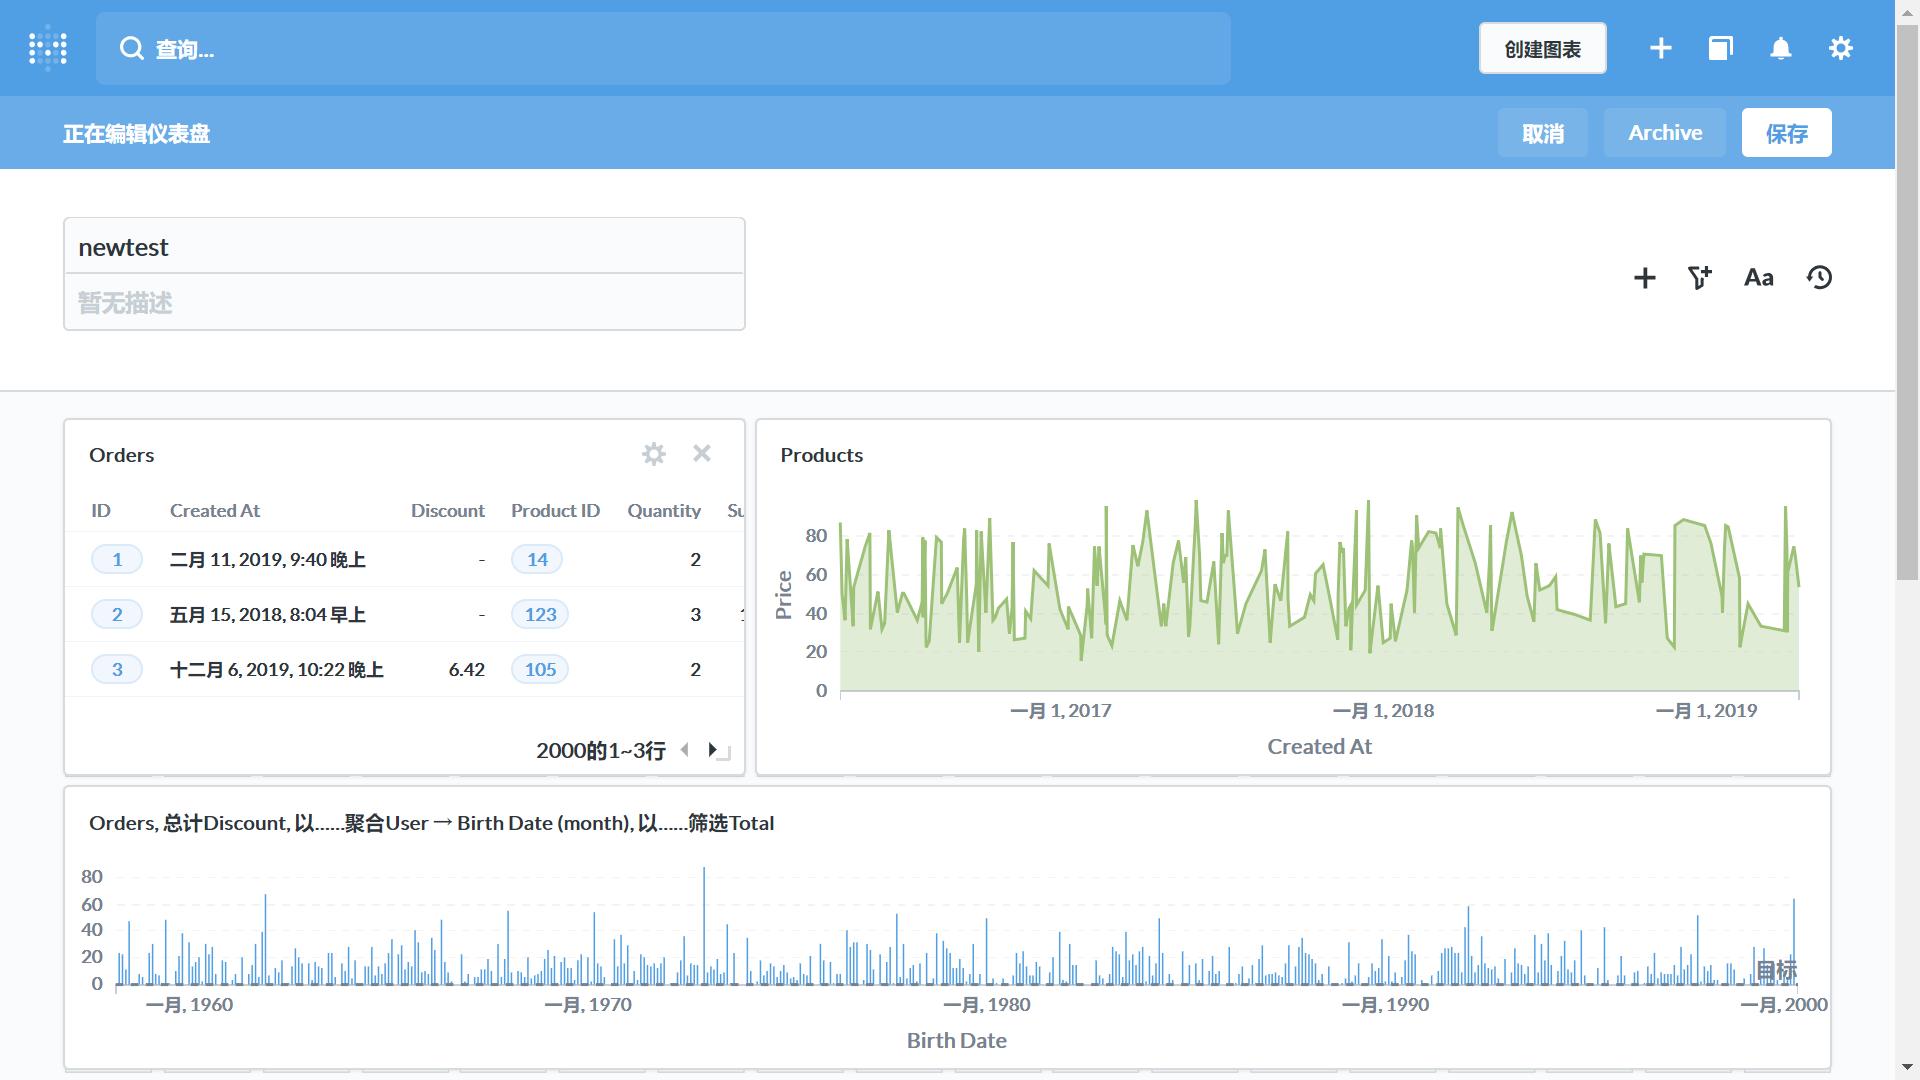 1小时搞定BI数据可视化——Metabase开源大数据BI工具简介